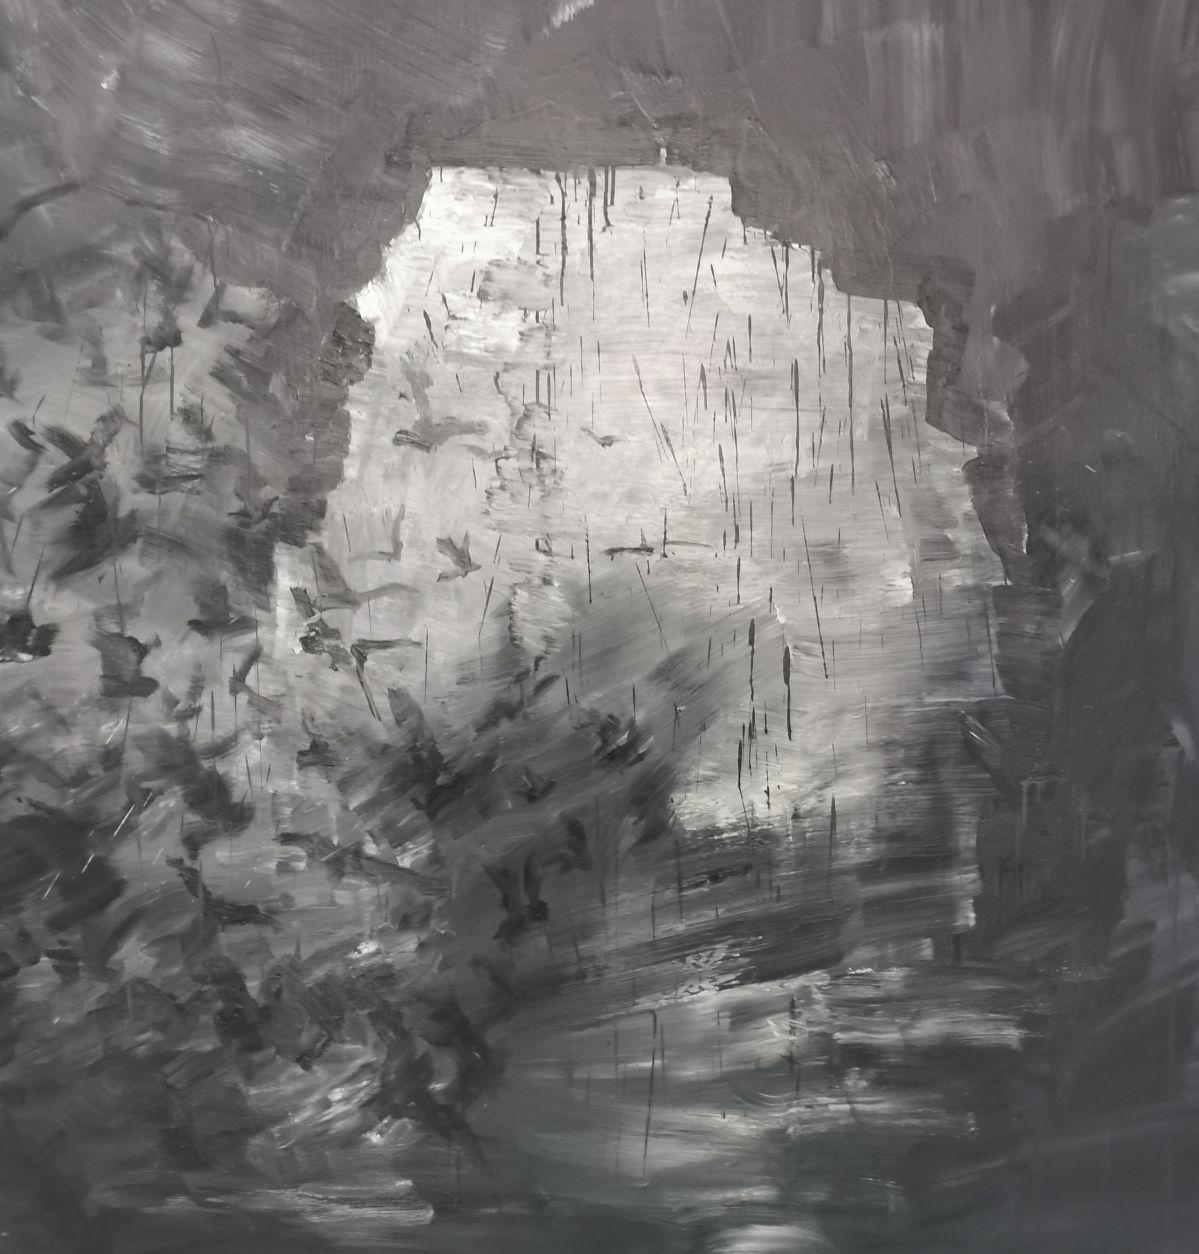 Yan Pei-Ming - Exode, 2020. Huile sur toile, Panneau 3 - détail 1